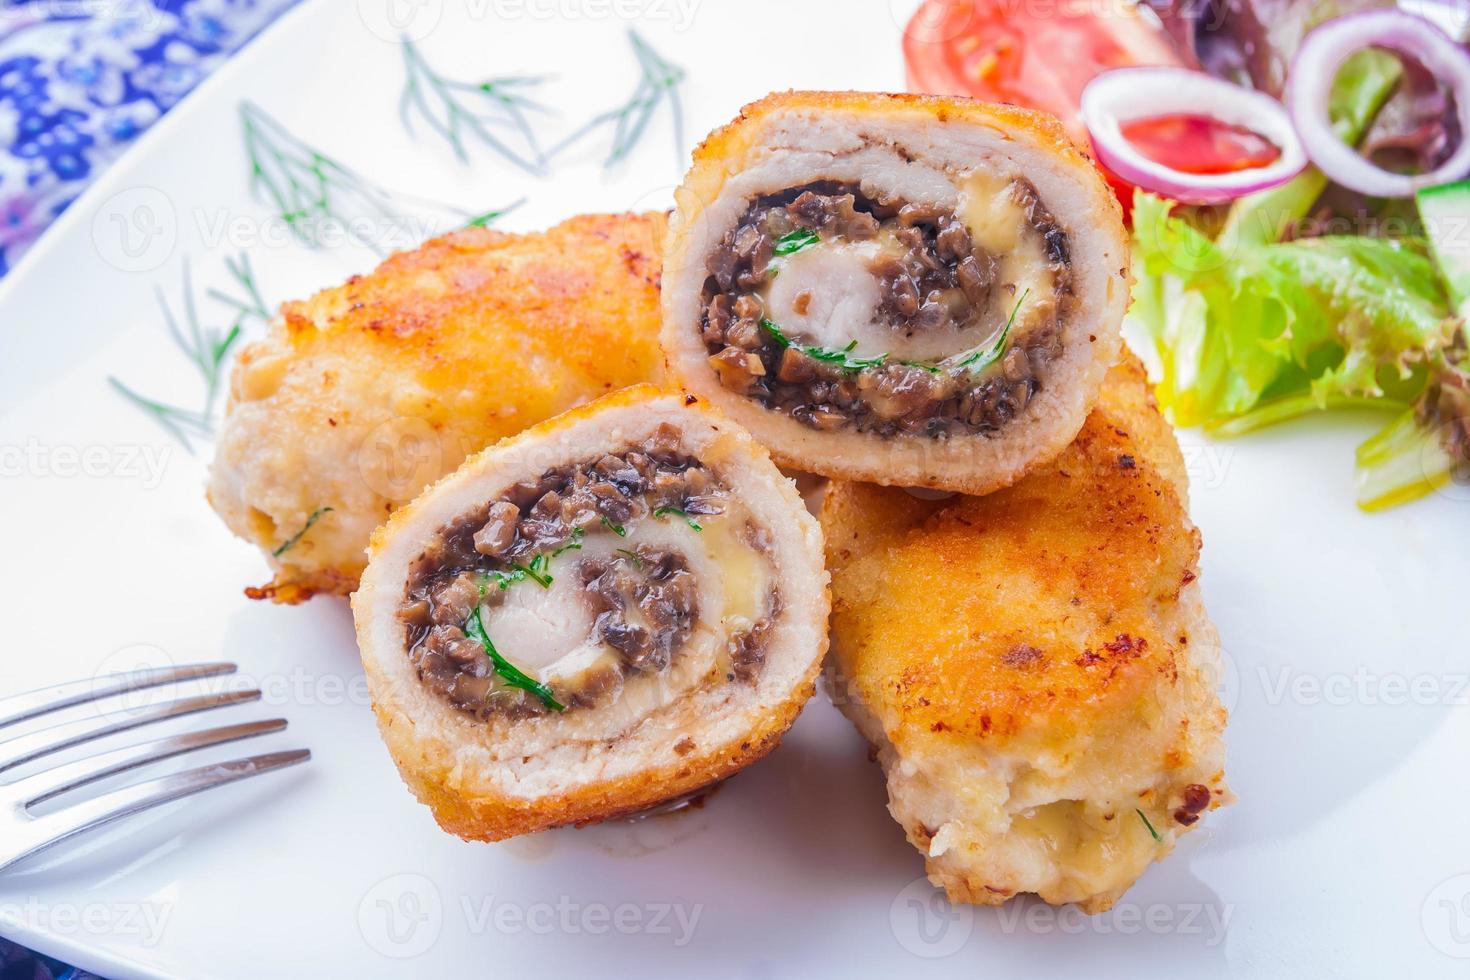 roulade de poulet aux champignons frits dans la pâte photo